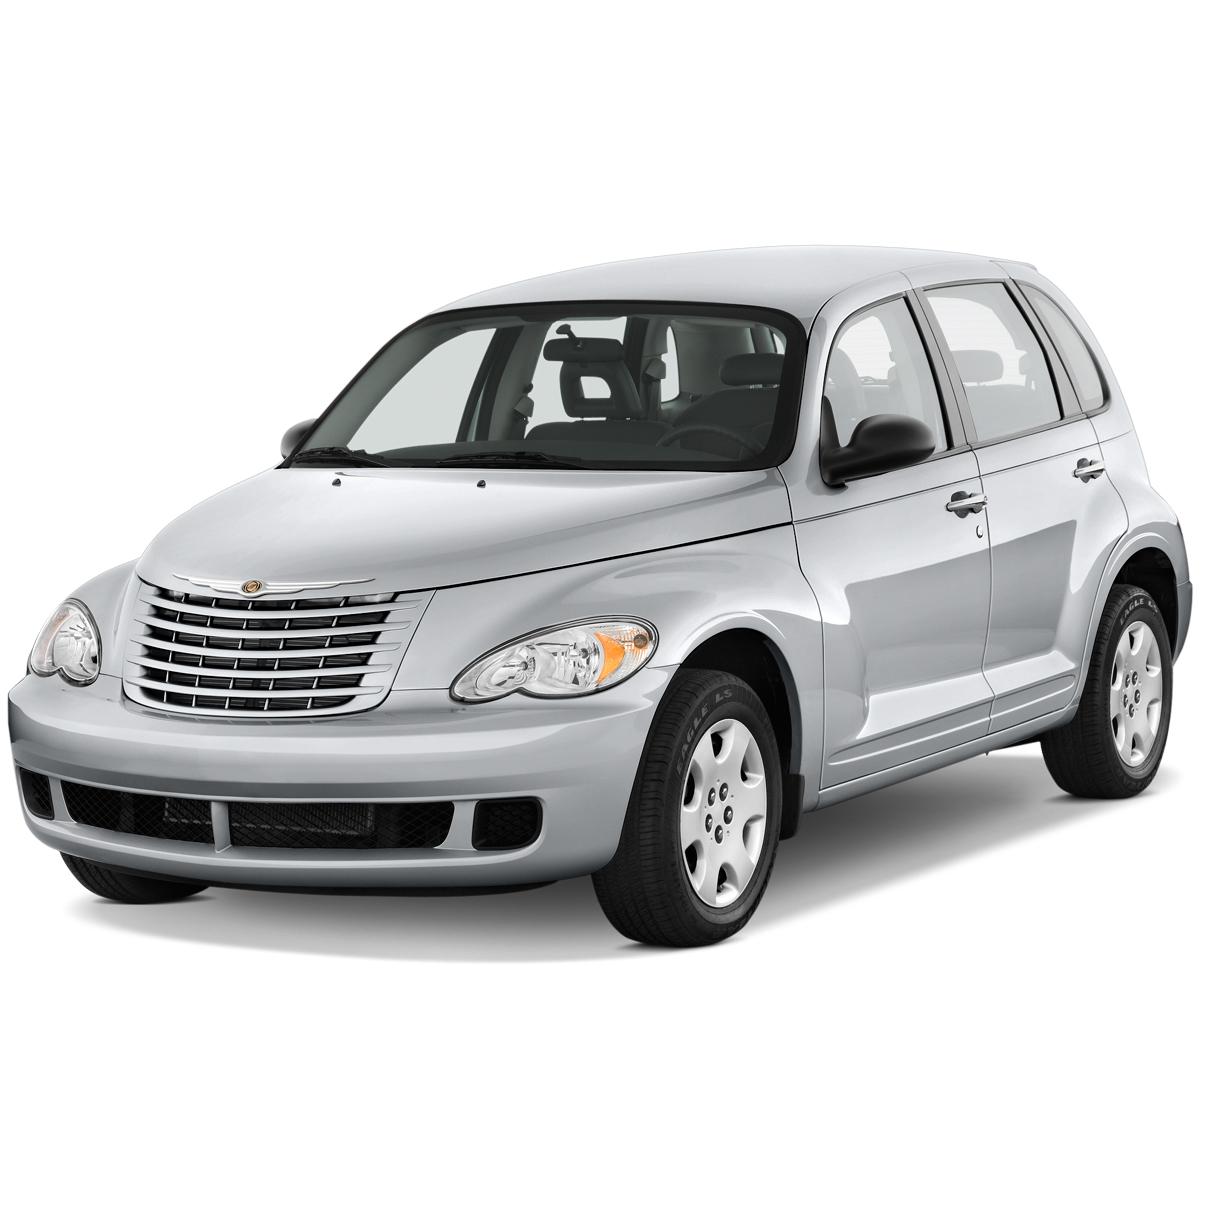 Chrysler PT Cruiser 2000 - 2010